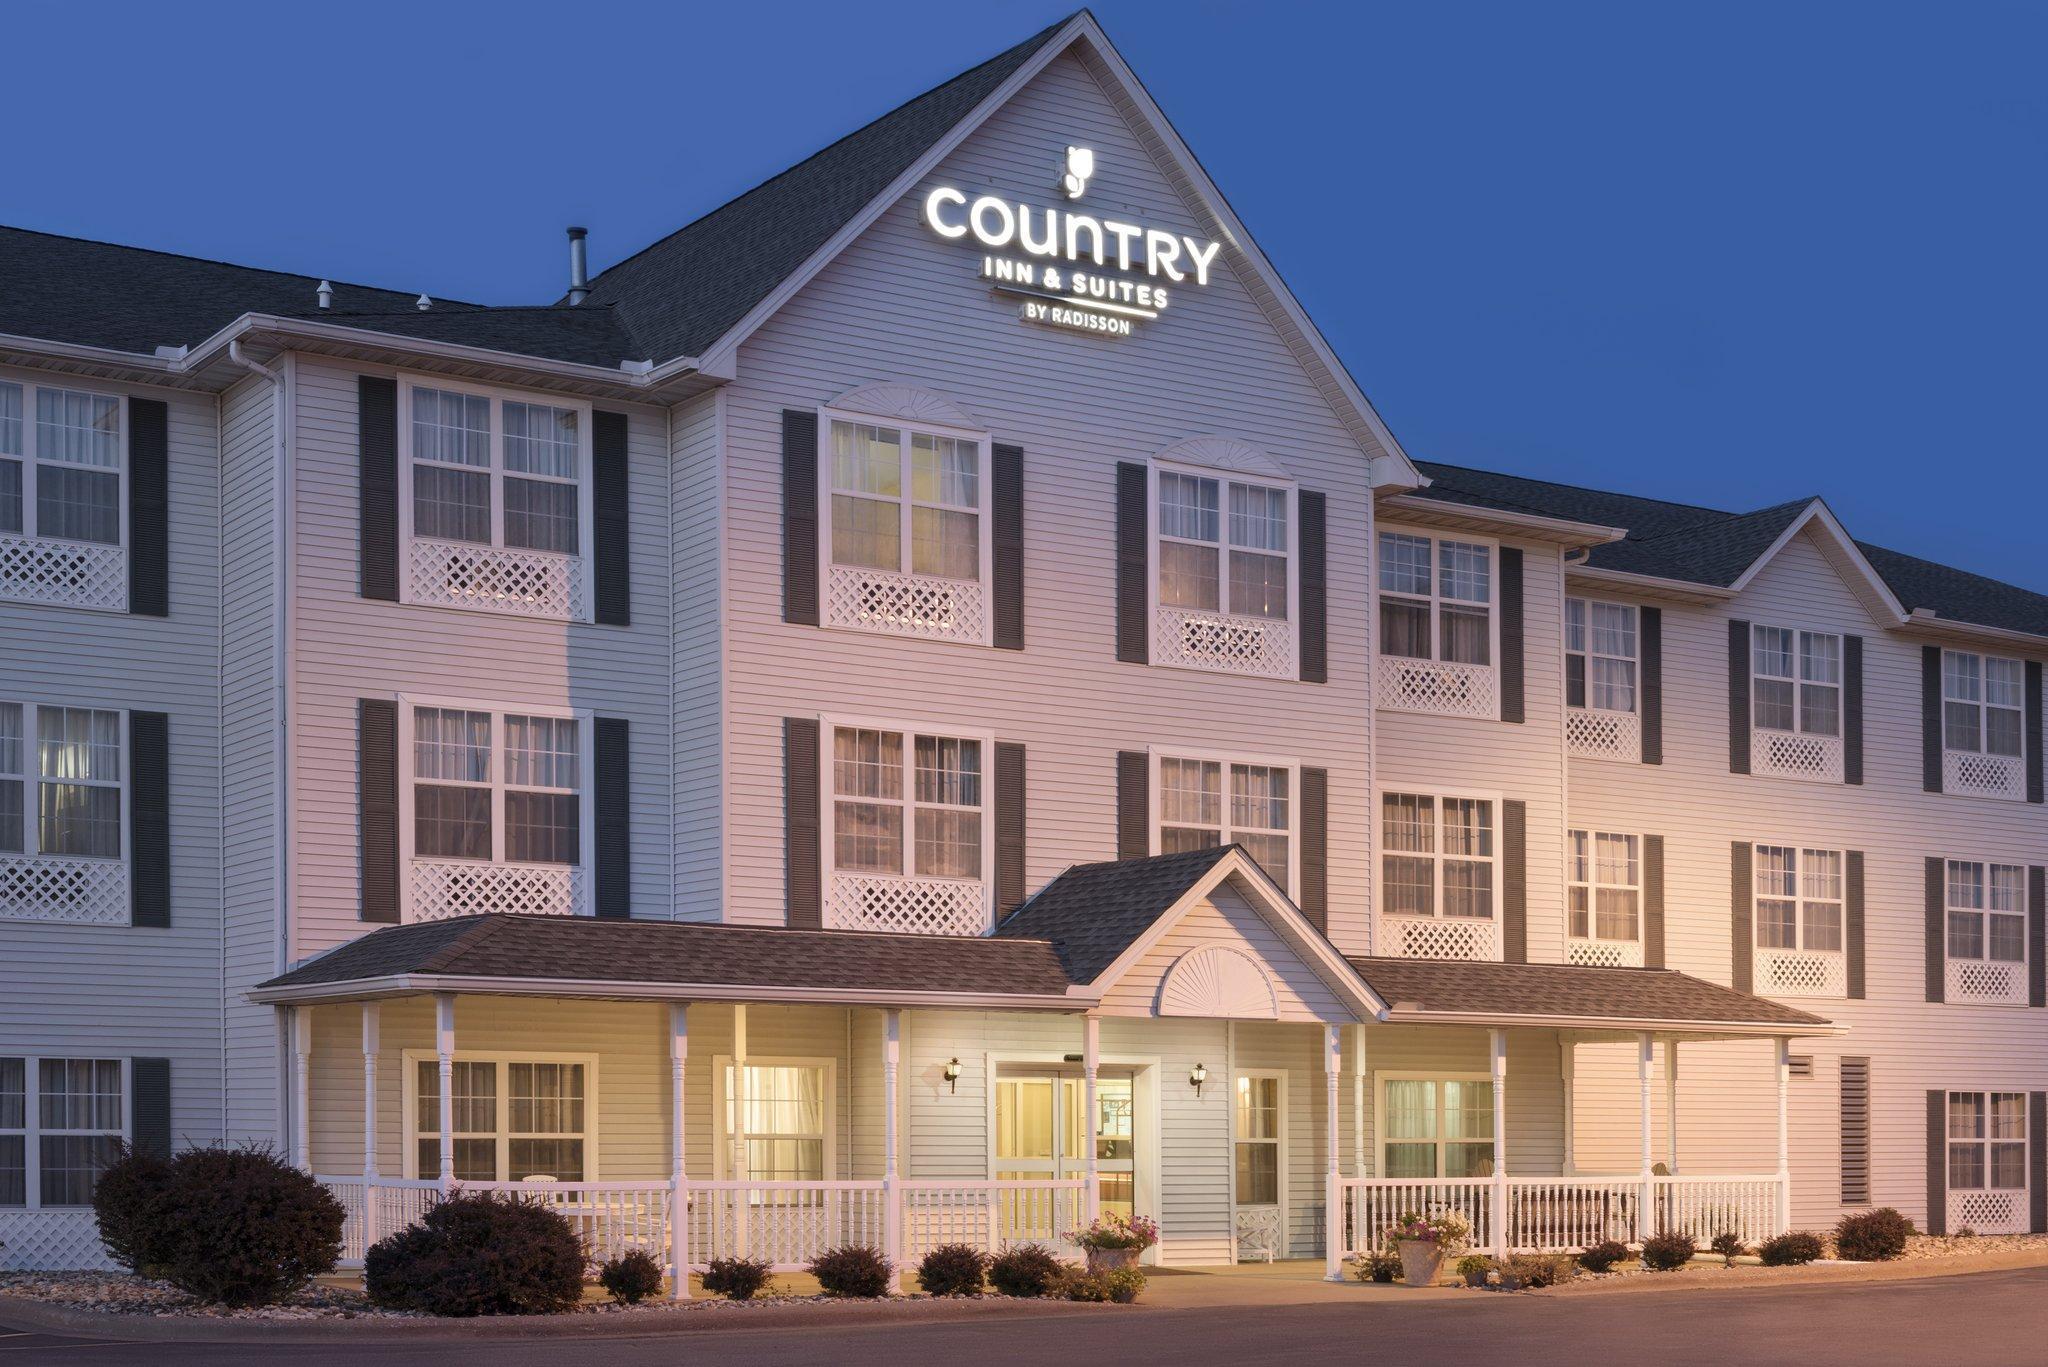 country inn suites by radisson moline airport il in moline il rh agoda com